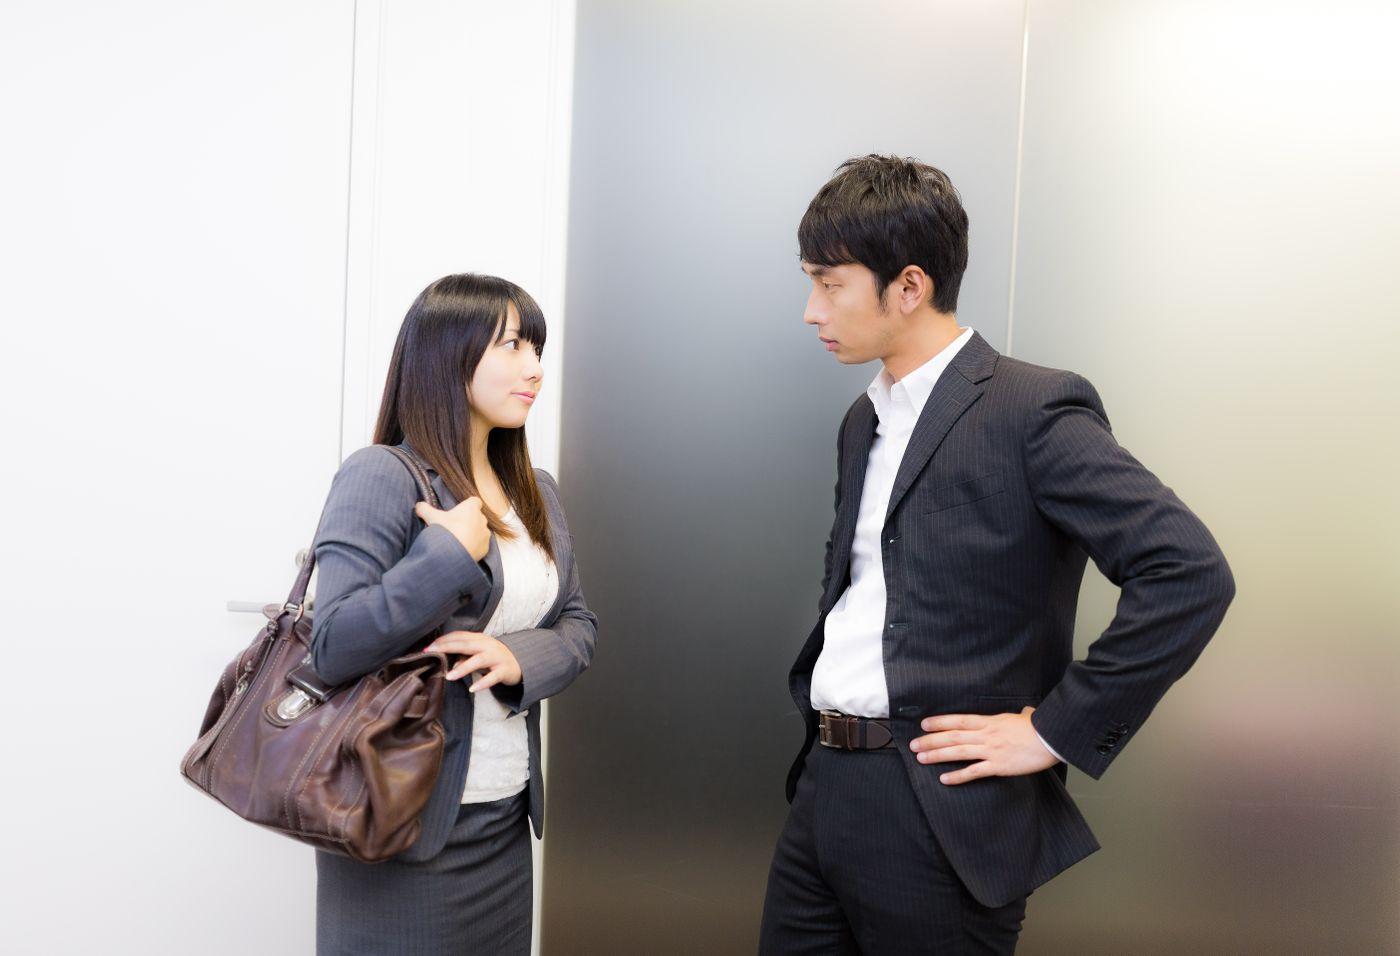 営業帰り上司に結果を報告する女性社員の写真